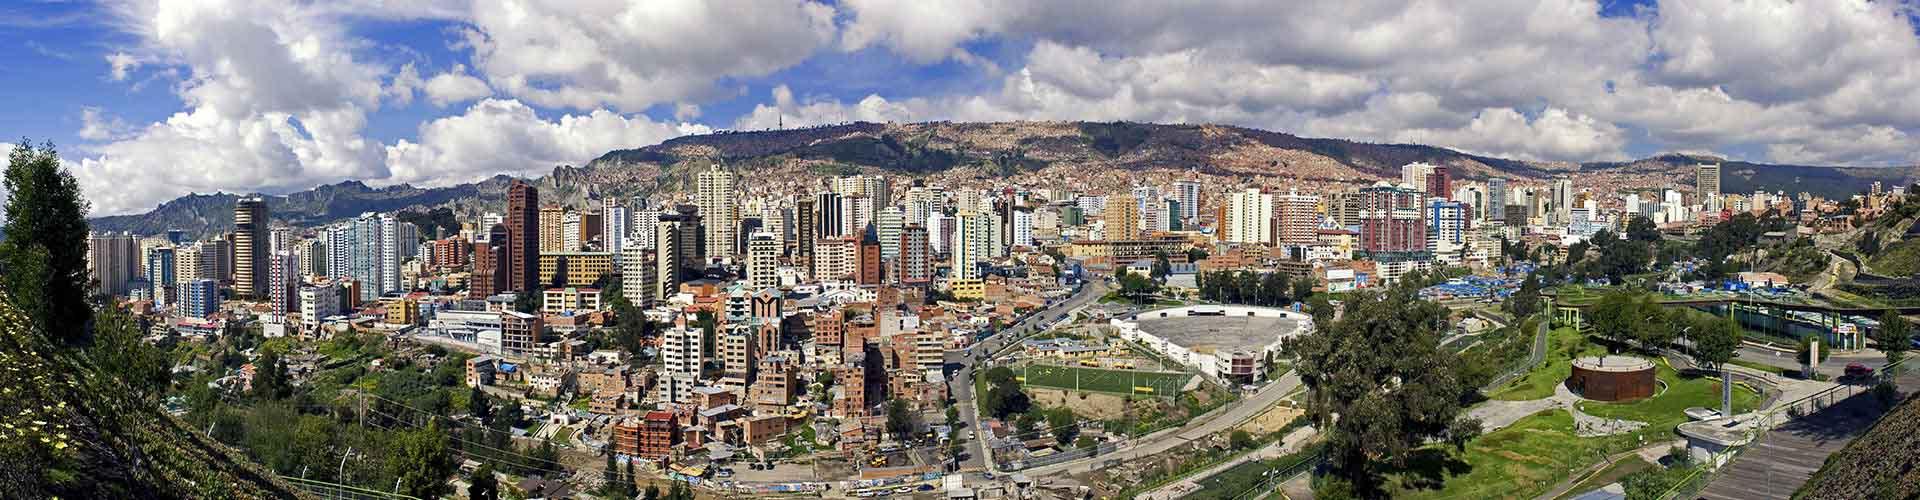 La Paz - Auberges de jeunesse à La Paz. Cartes pour La Paz, photos et commentaires pour chaque auberge de jeunesse à La Paz.